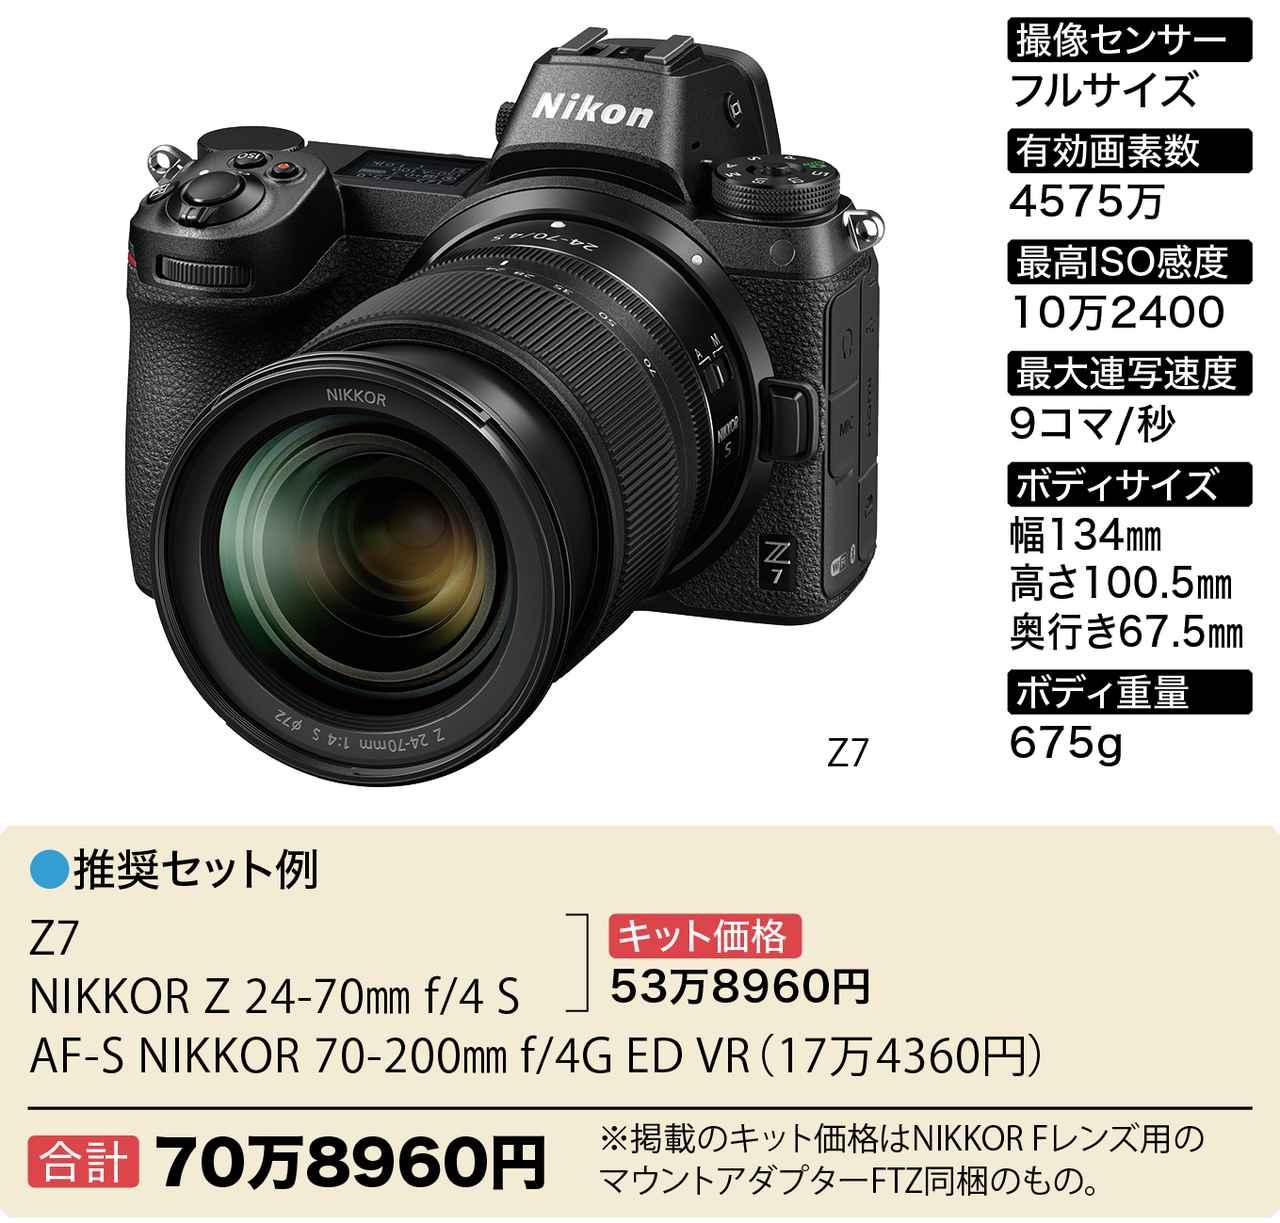 画像2: Wズーム&ボディセットで40万円~おすすめフルサイズミラーレス6選